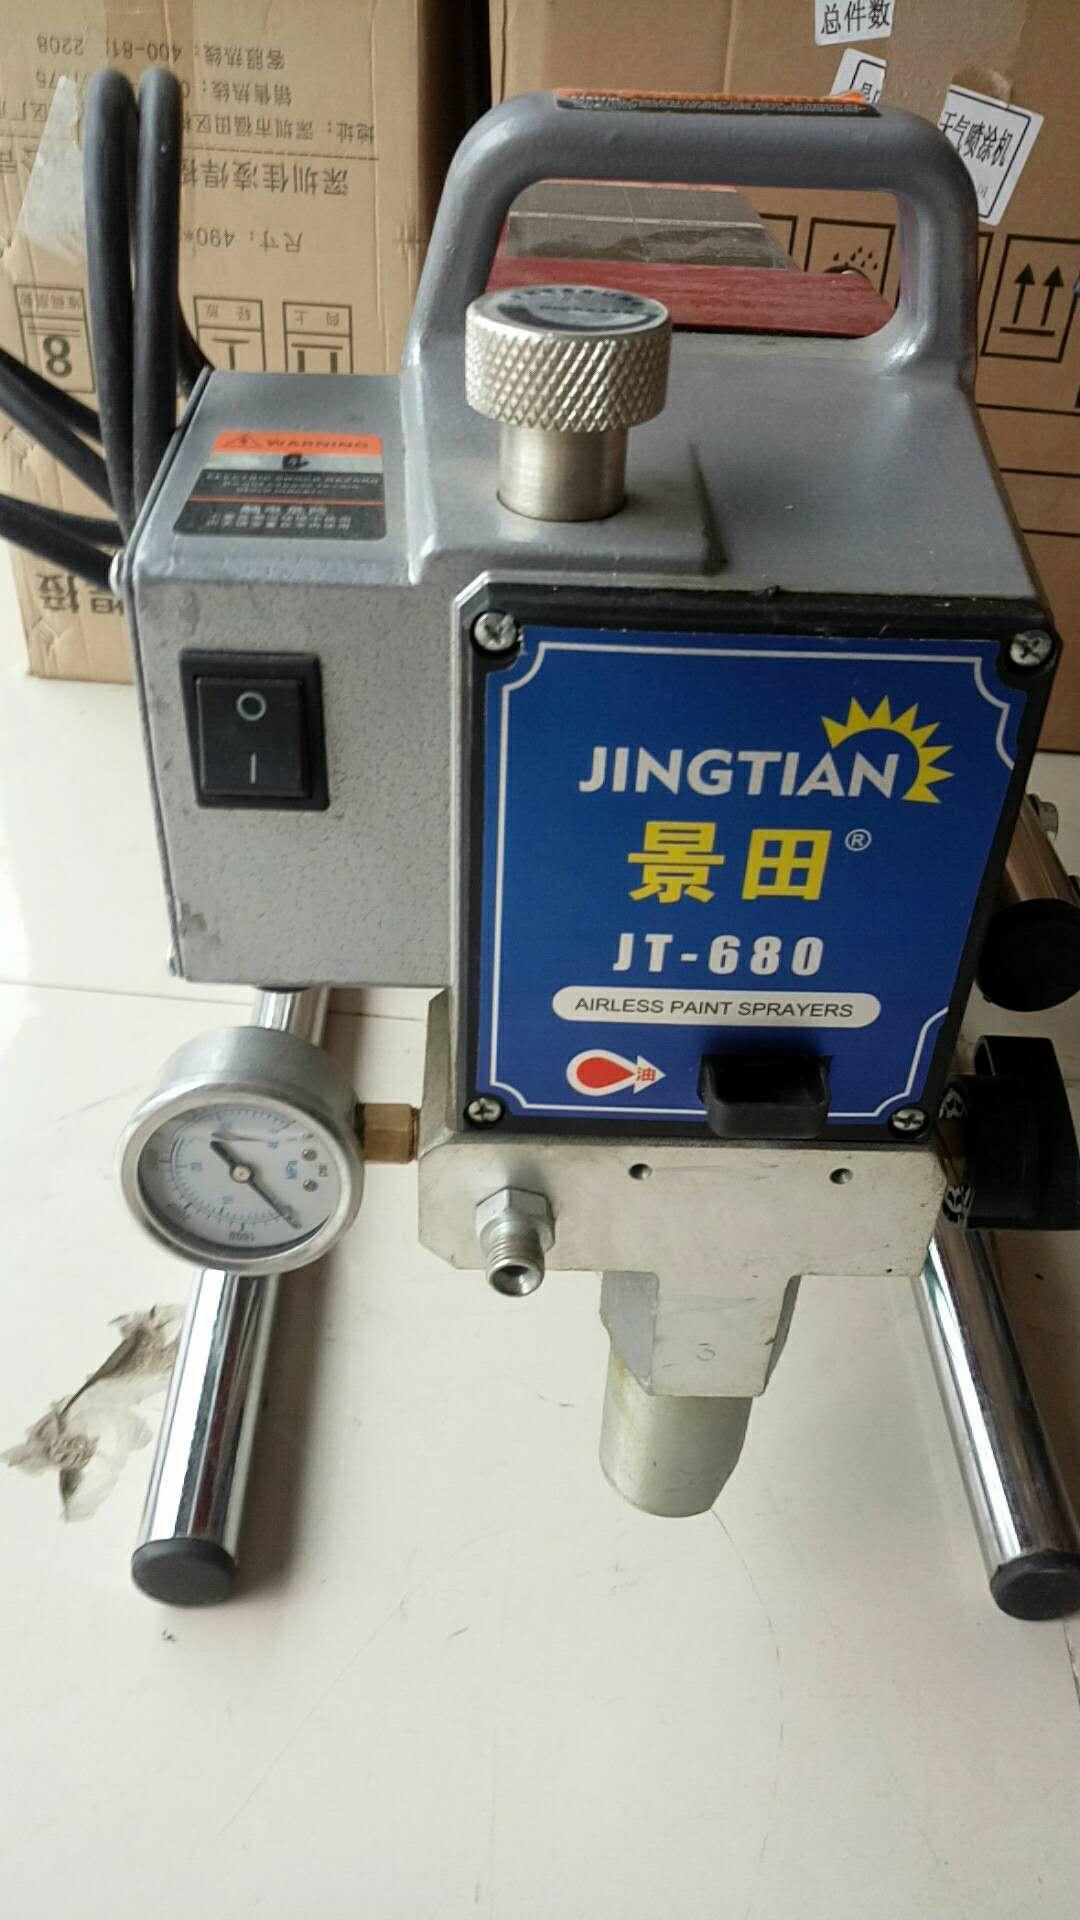 河南电动喷涂机批发-知名的电动喷涂机厂家就是九淼机电设备